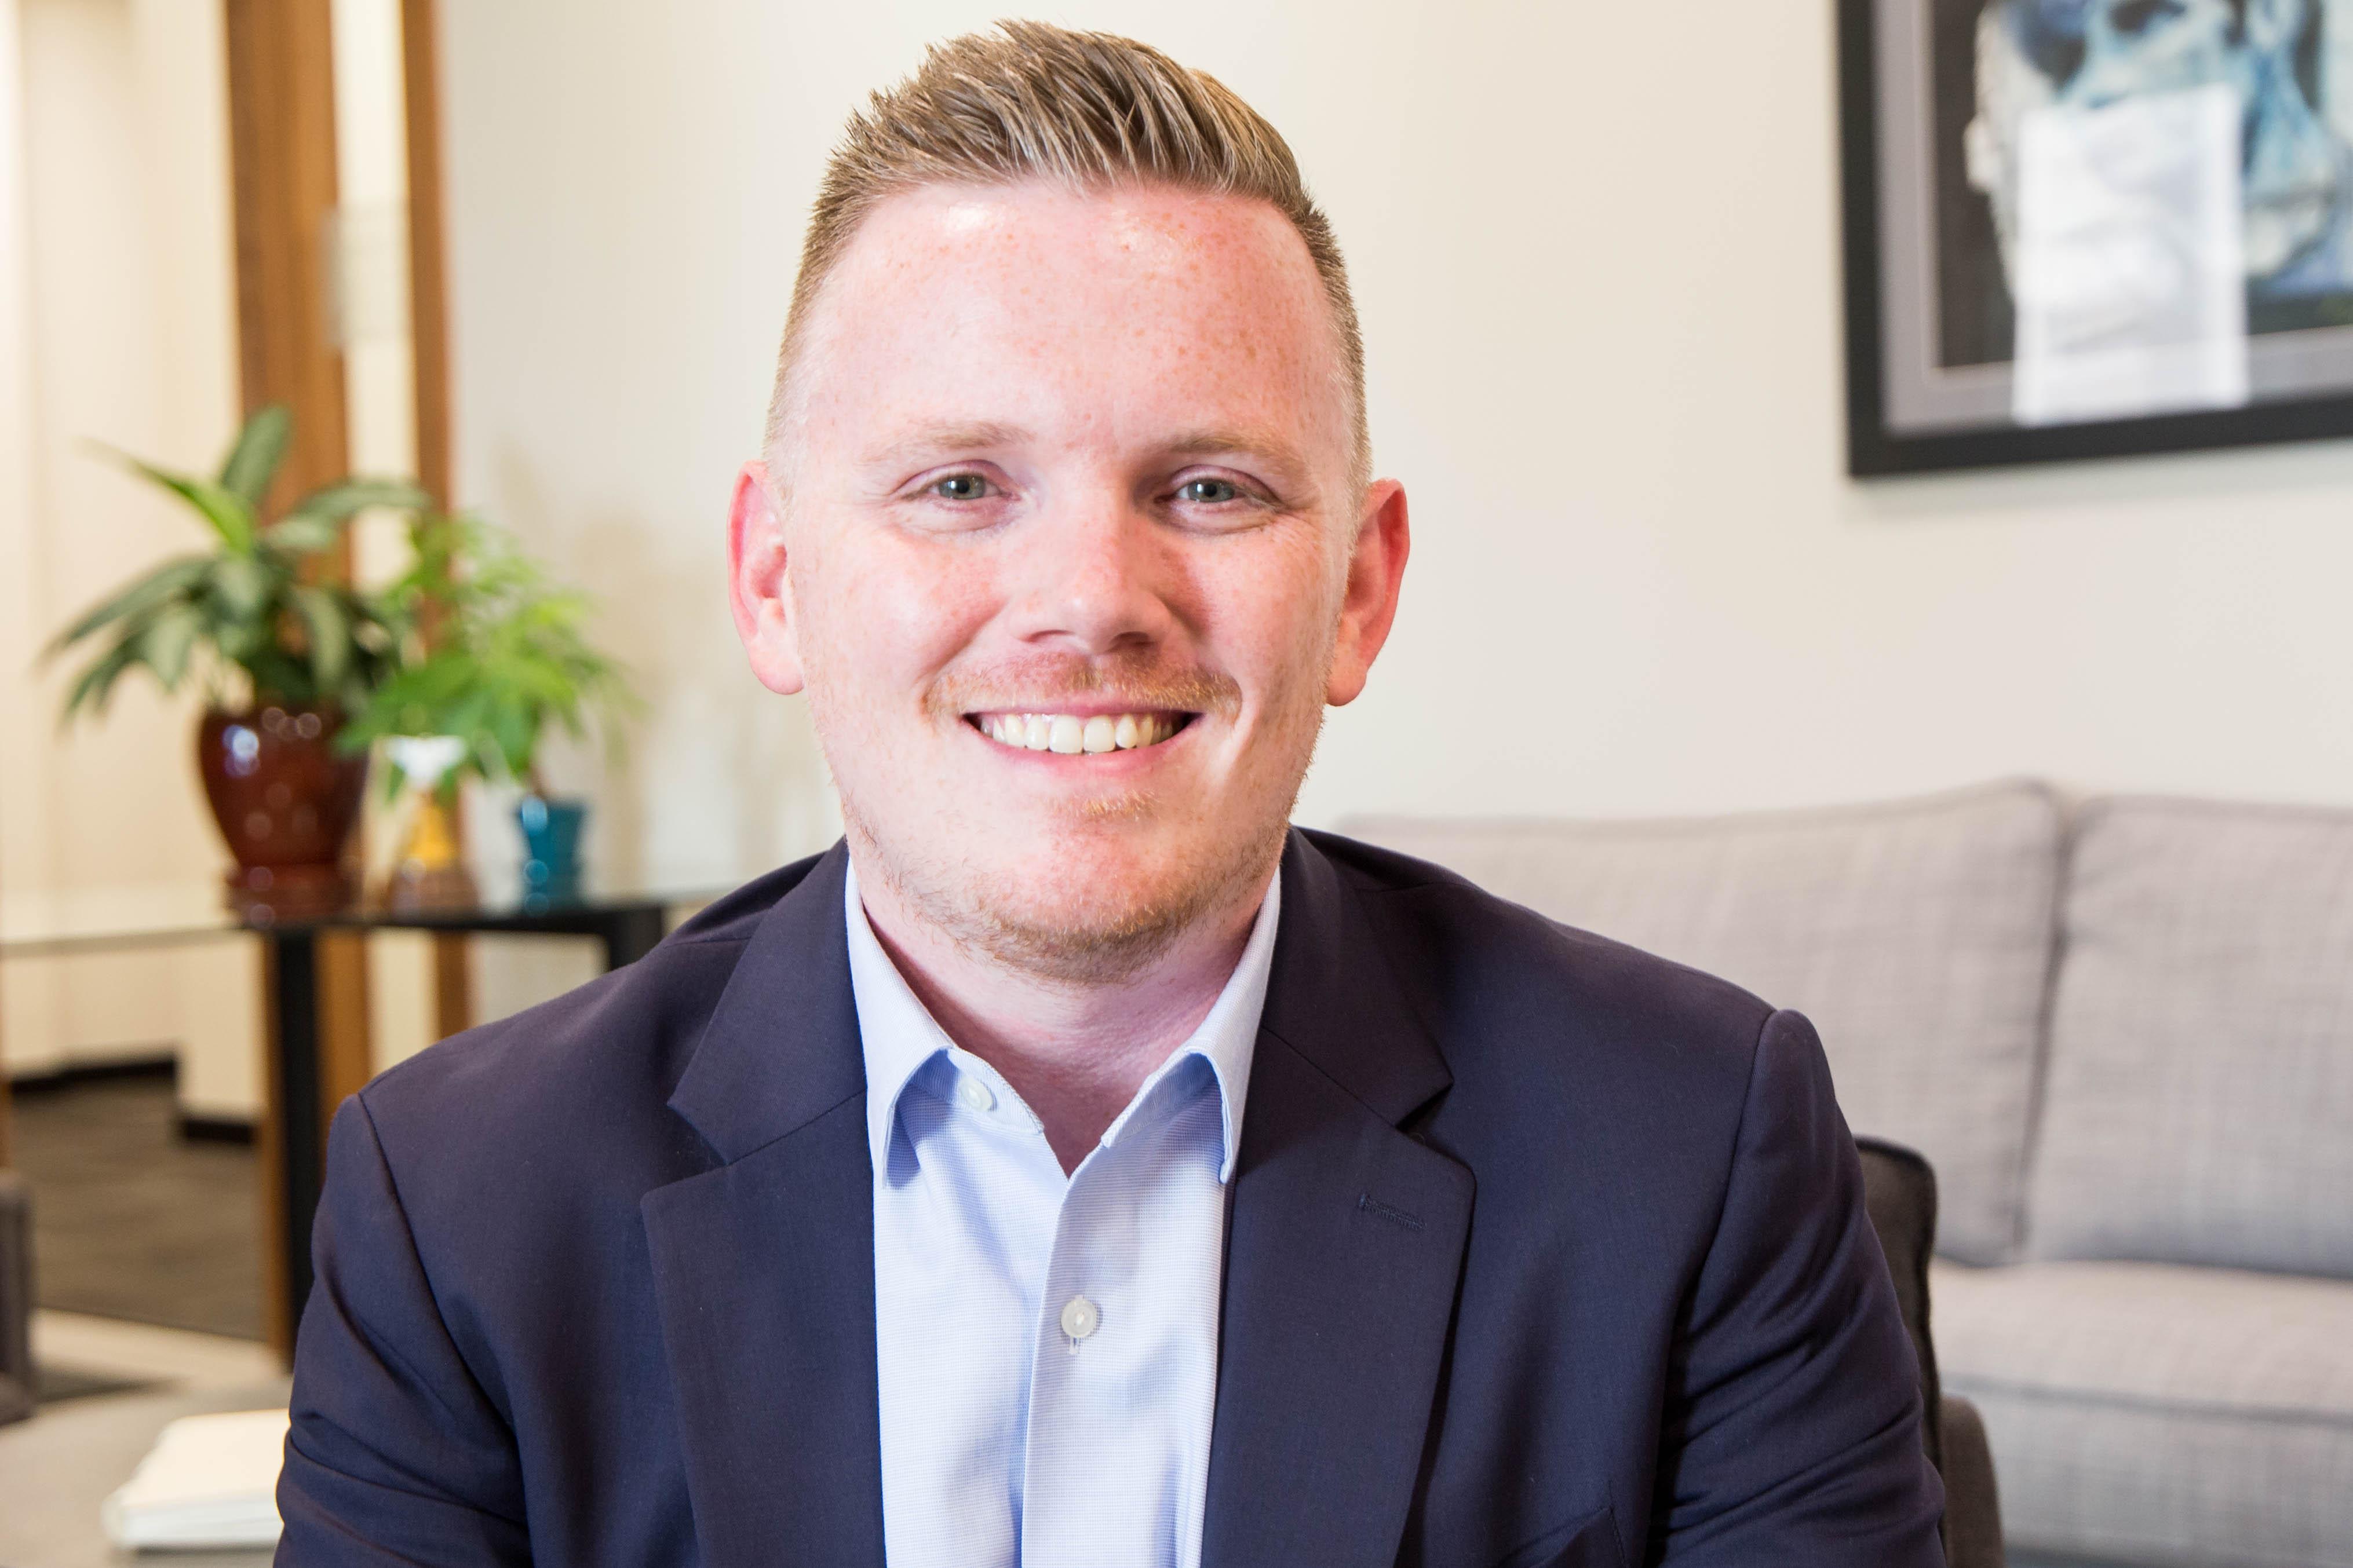 Meet Joe Foster, our new Development Director!